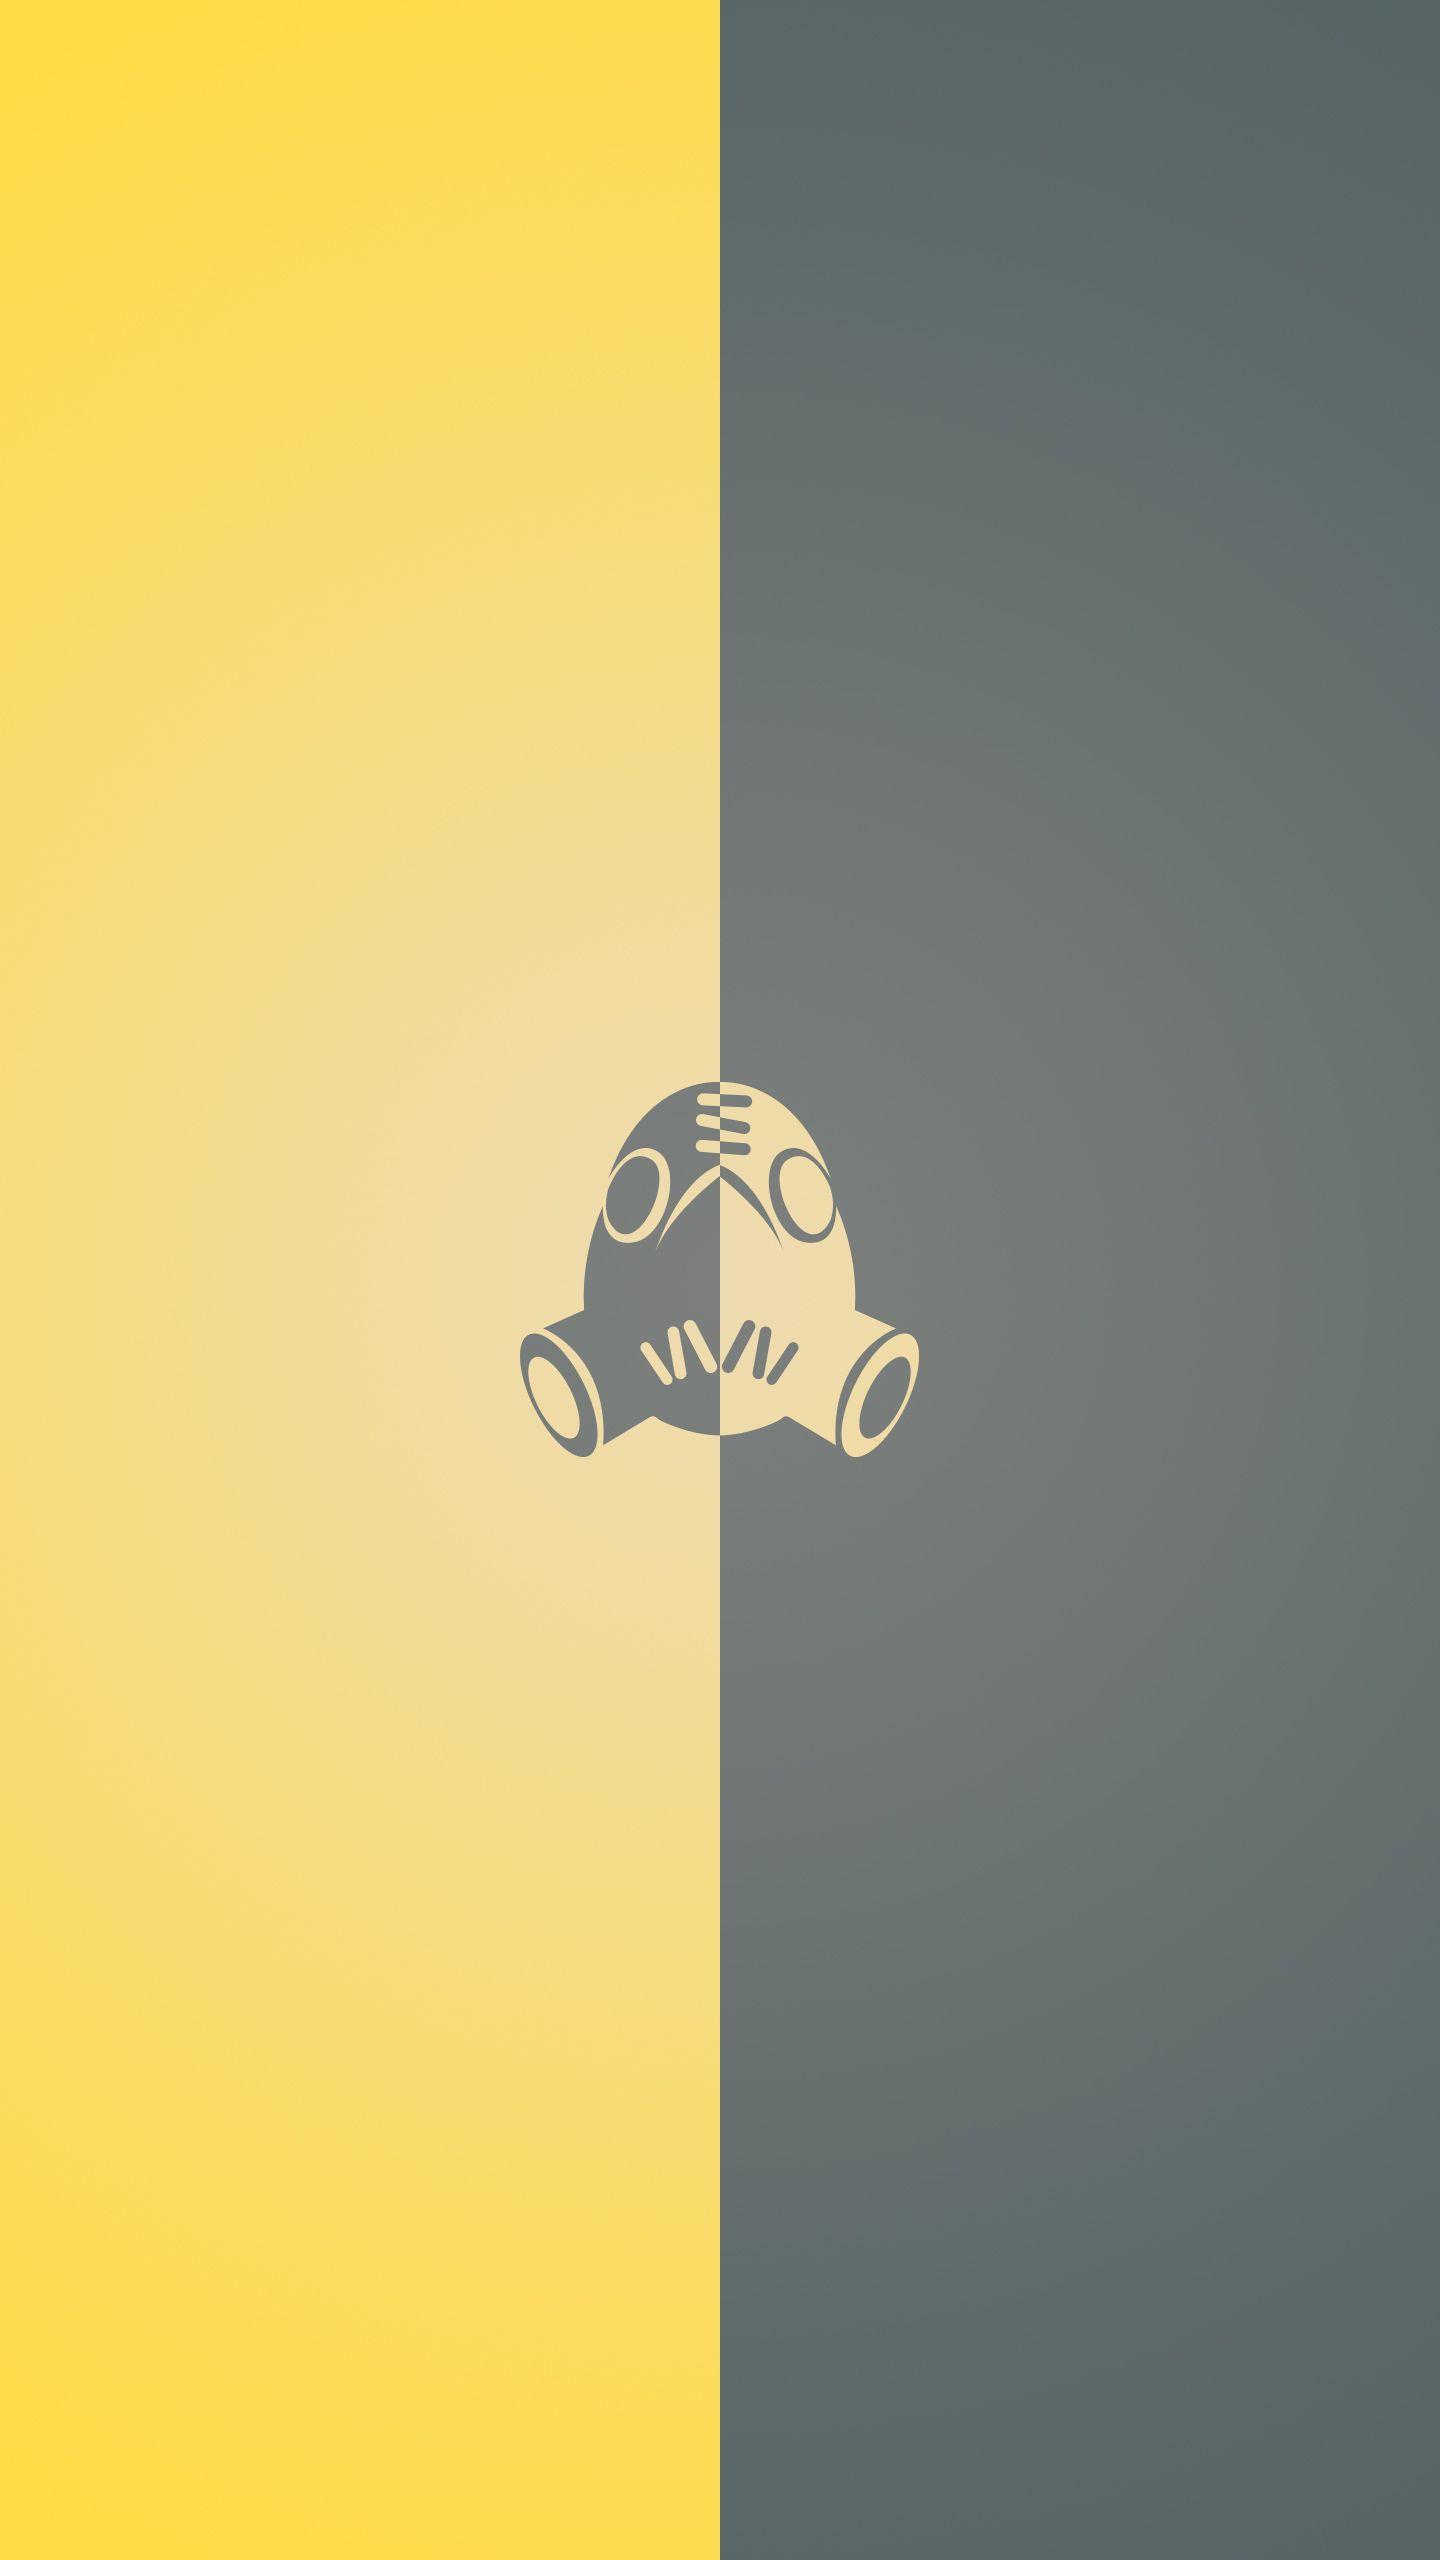 Overwatch - Roadhog Wallpaper for V20 | Overwatch | Pinterest ...